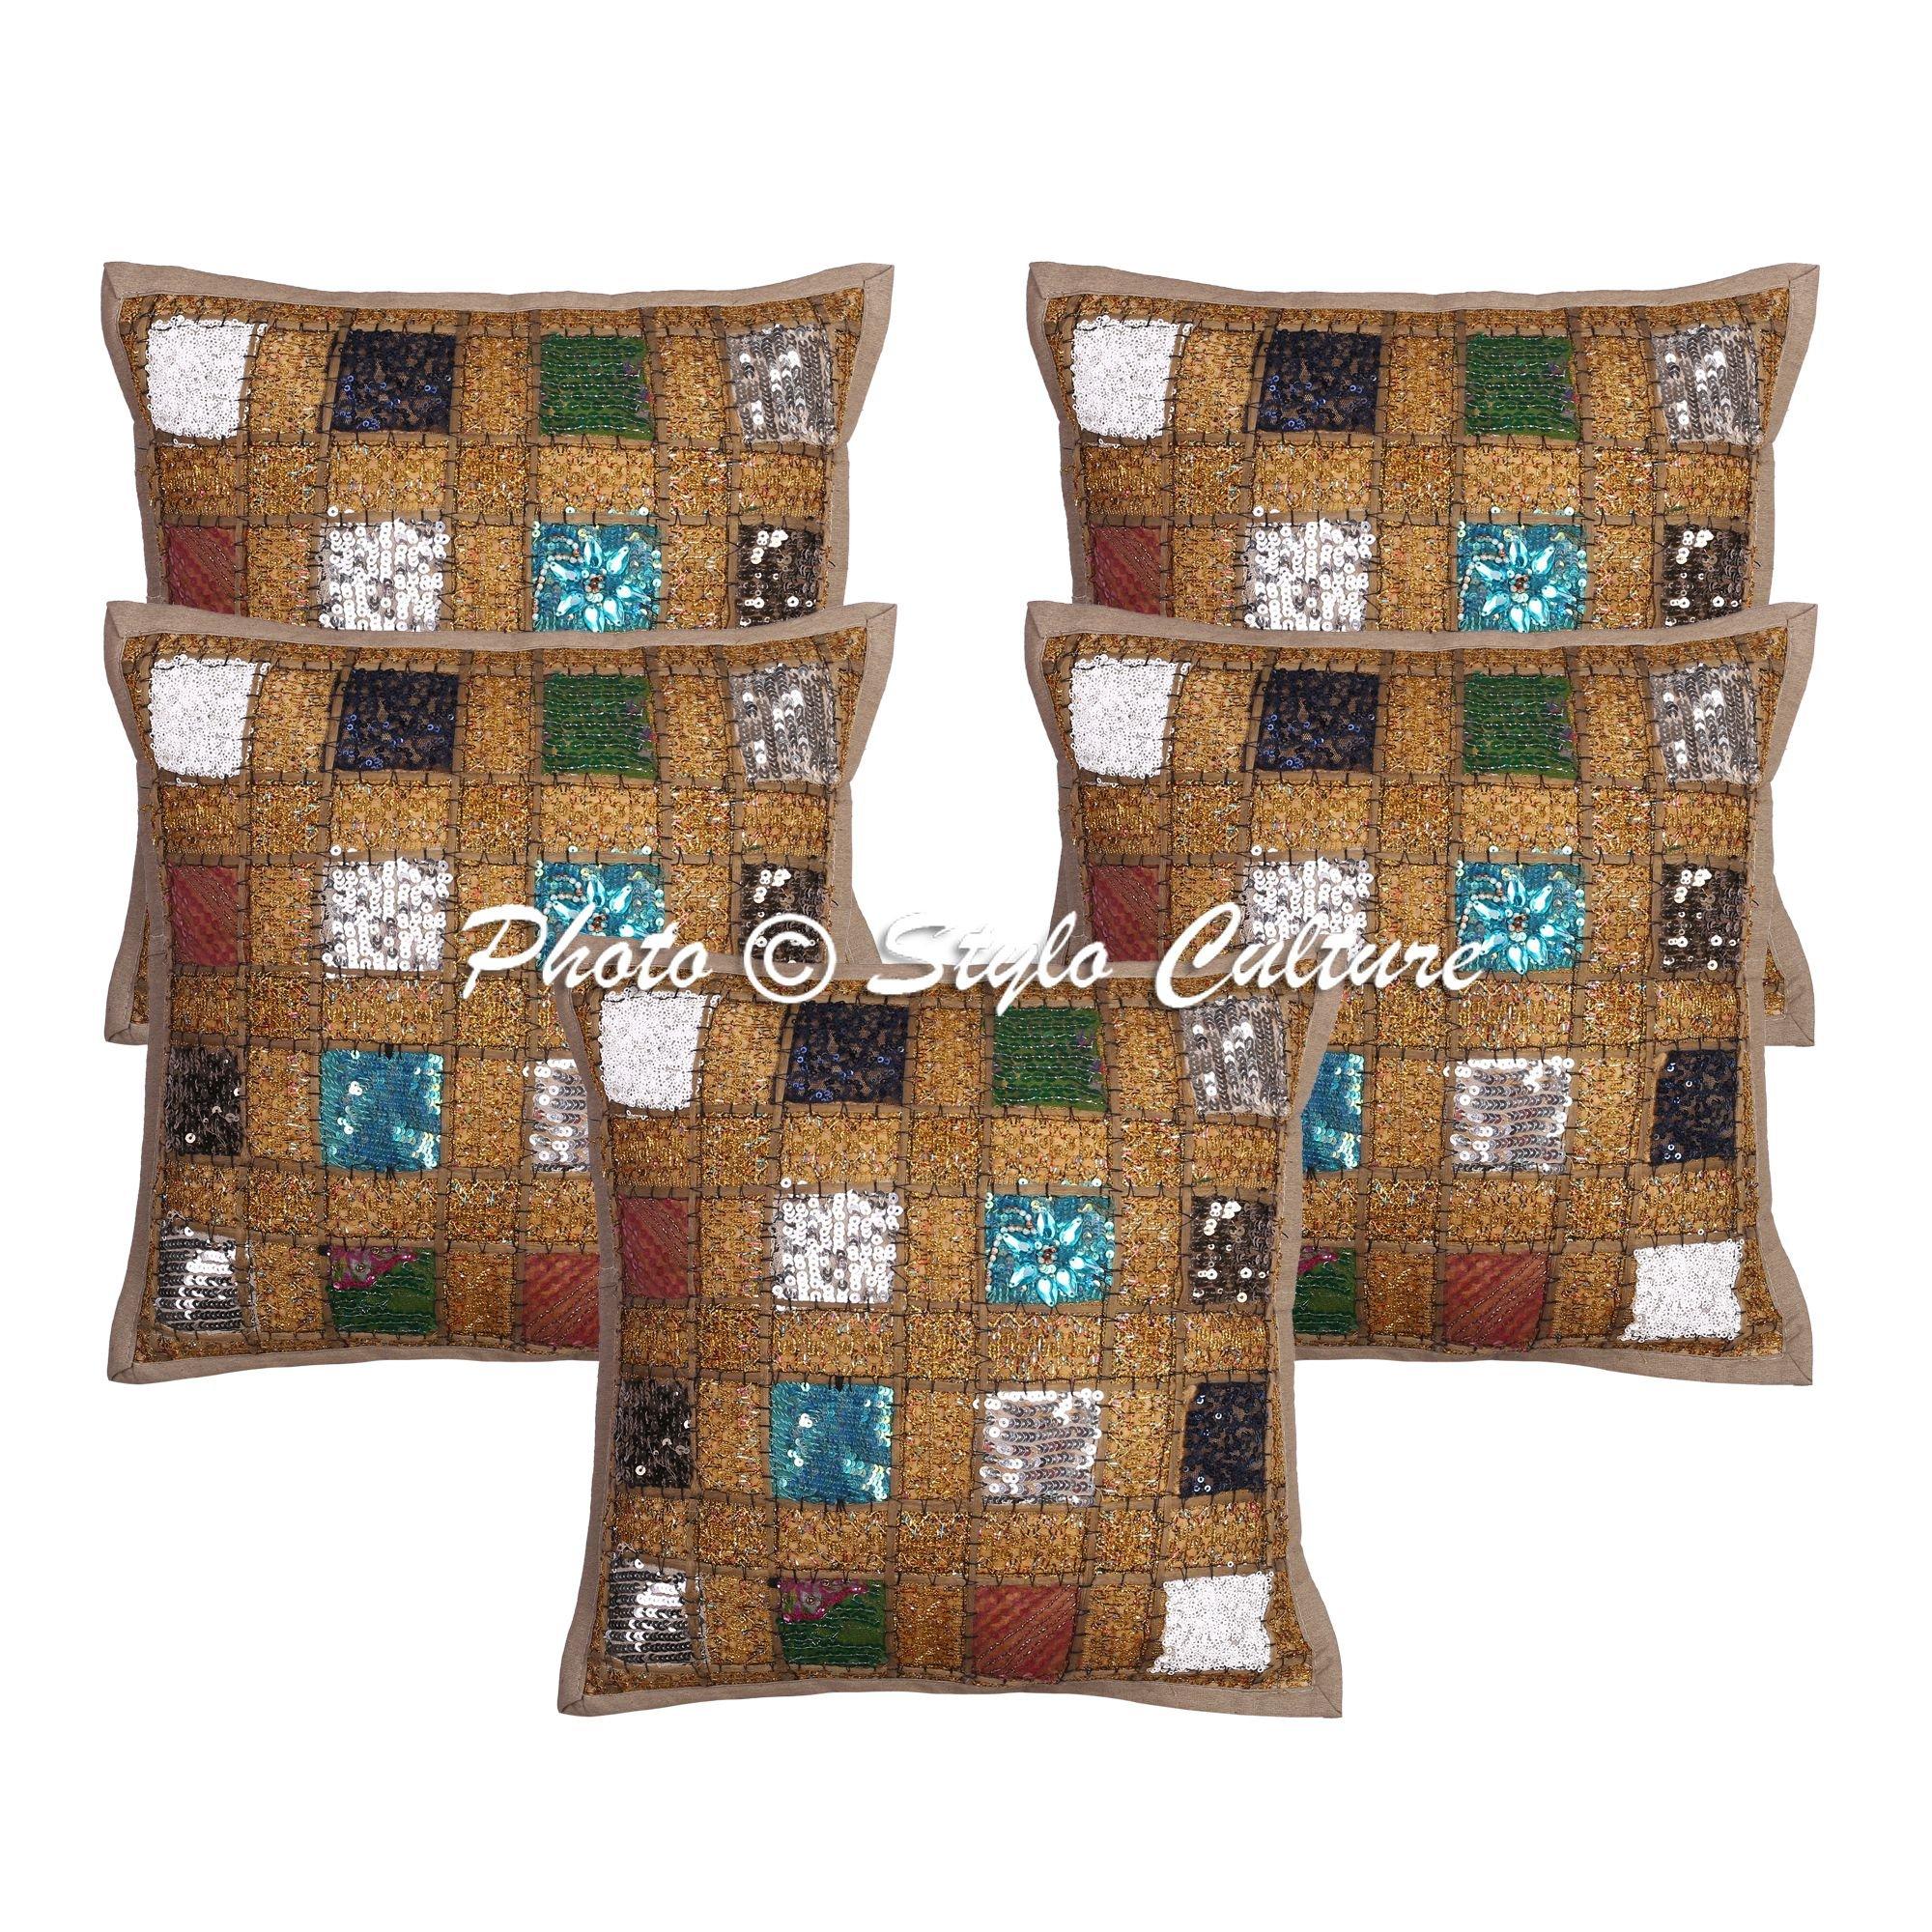 Stylo Culture Cojines Decorativos Indios Cubre Caqui Patchwork Lentejuelas Acento Almohada Cojines Cojín Algodón Cuadrado Tradicional Geométrica Cojines Cojín 40x40 cm (Juego de 5 Piezas): Amazon.es: Hogar